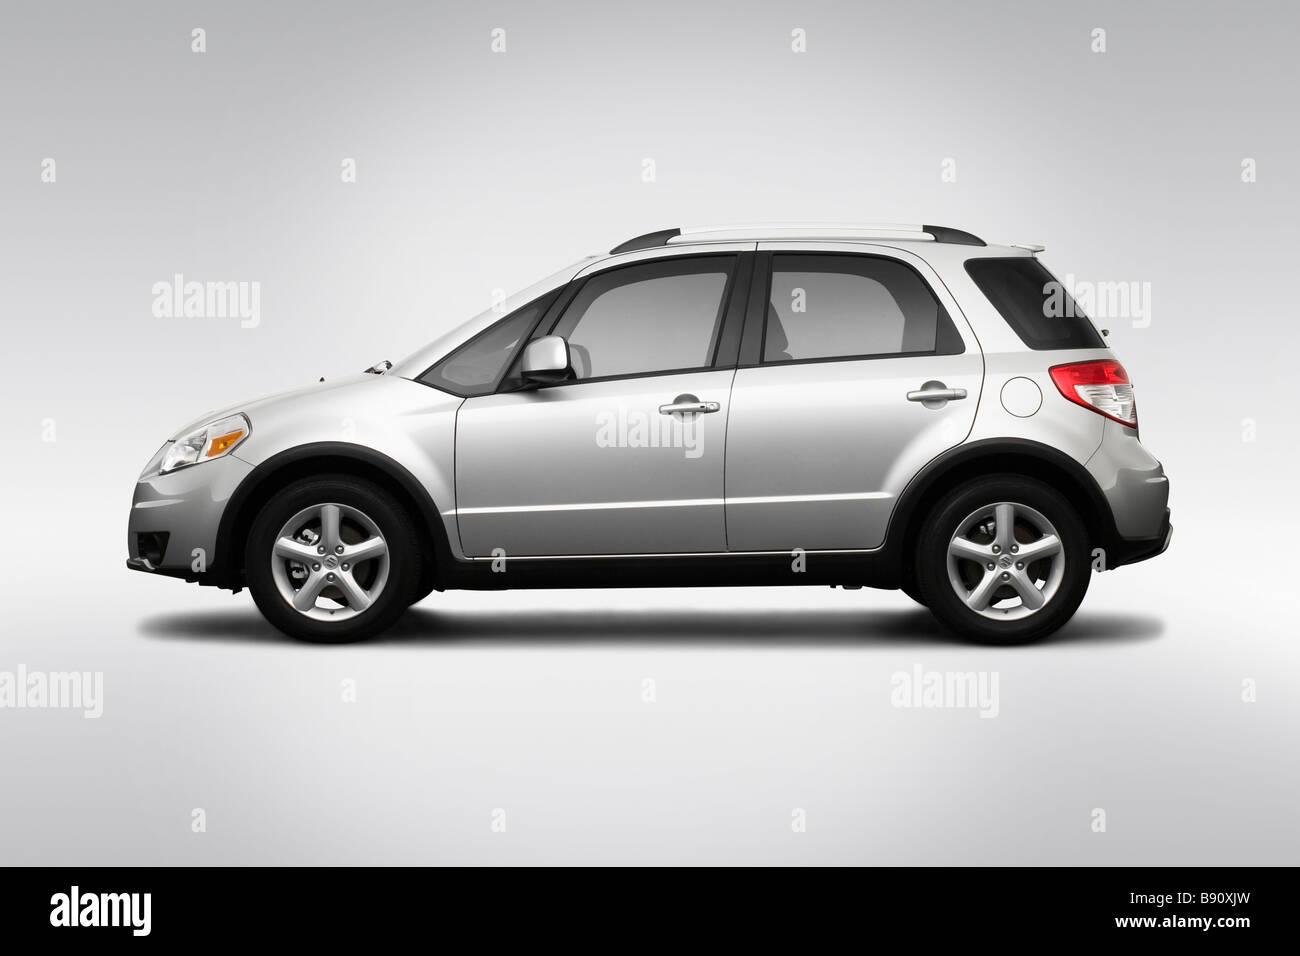 2009 Suzuki SX4 Crossover in Silver - Drivers Side Profile - Stock Image